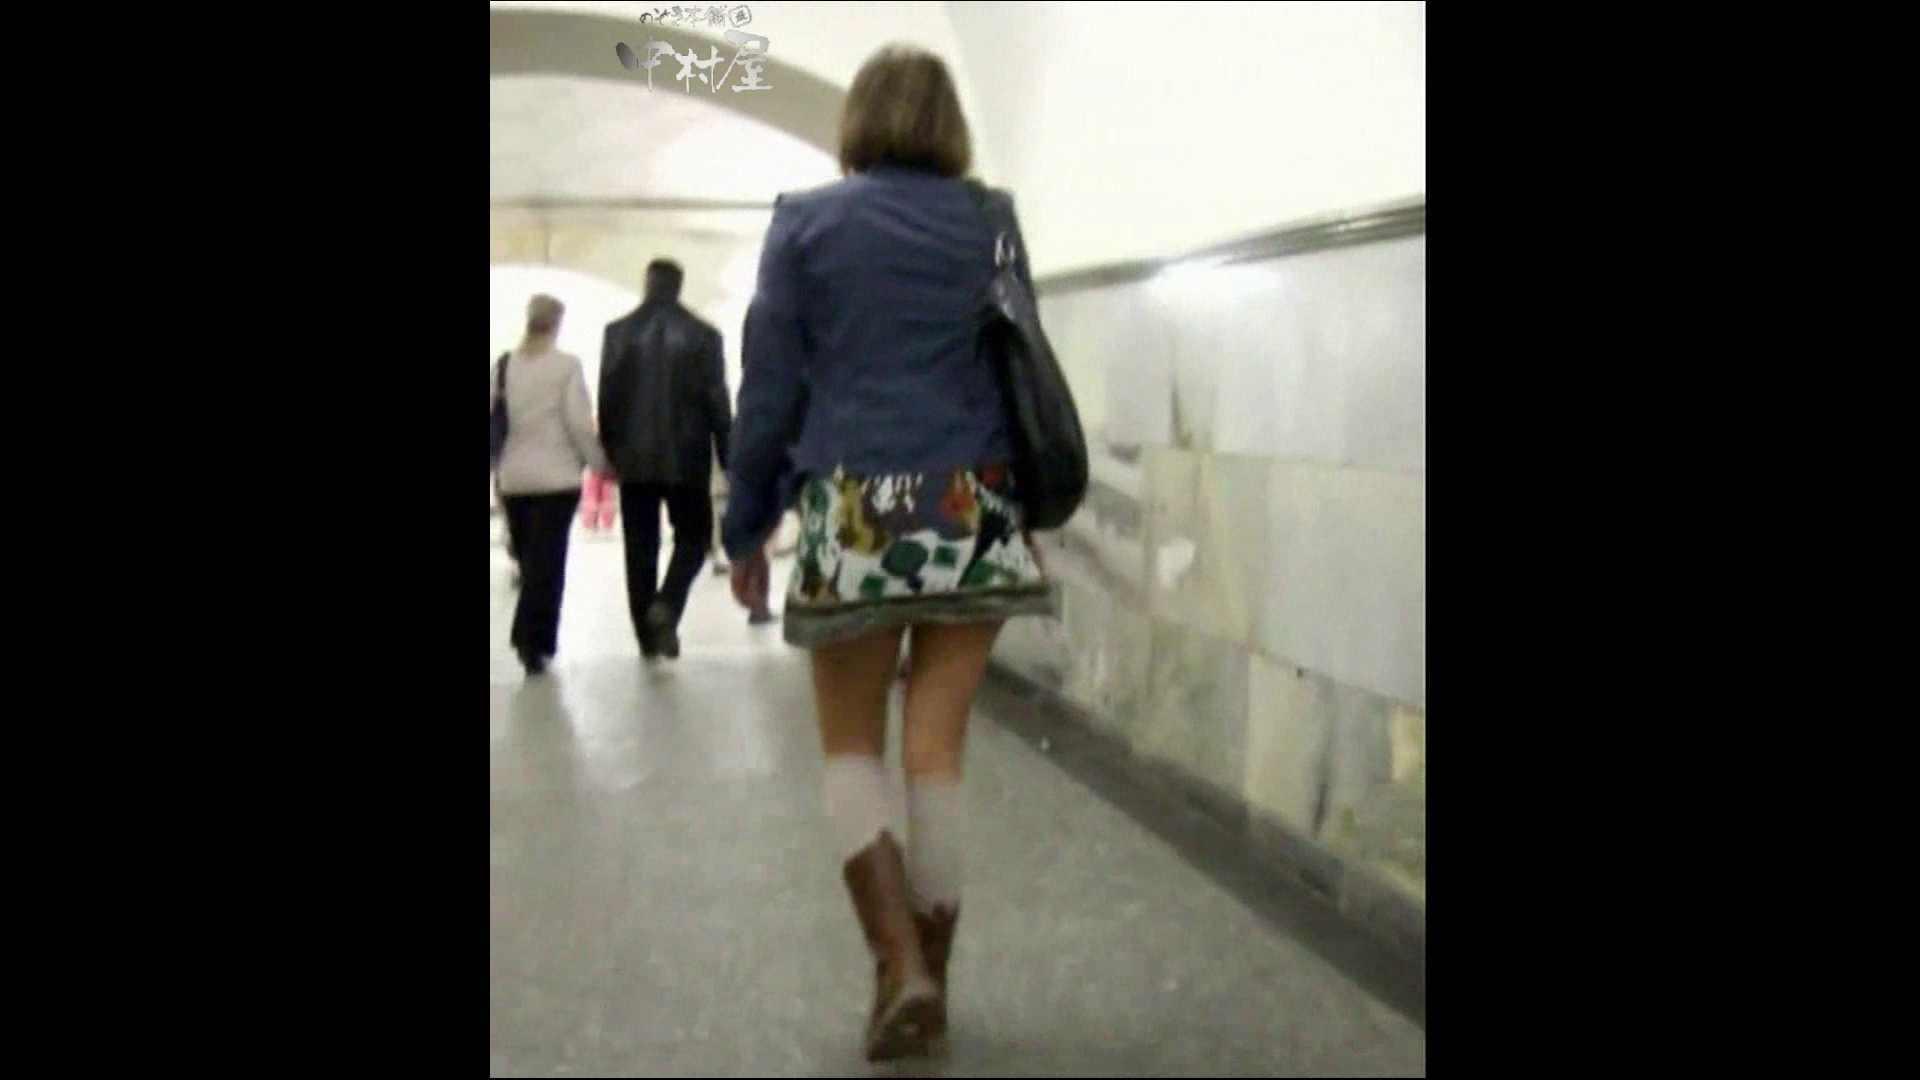 綺麗なモデルさんのスカート捲っちゃおう‼ vol18 HなOL アダルト動画キャプチャ 99pic 62